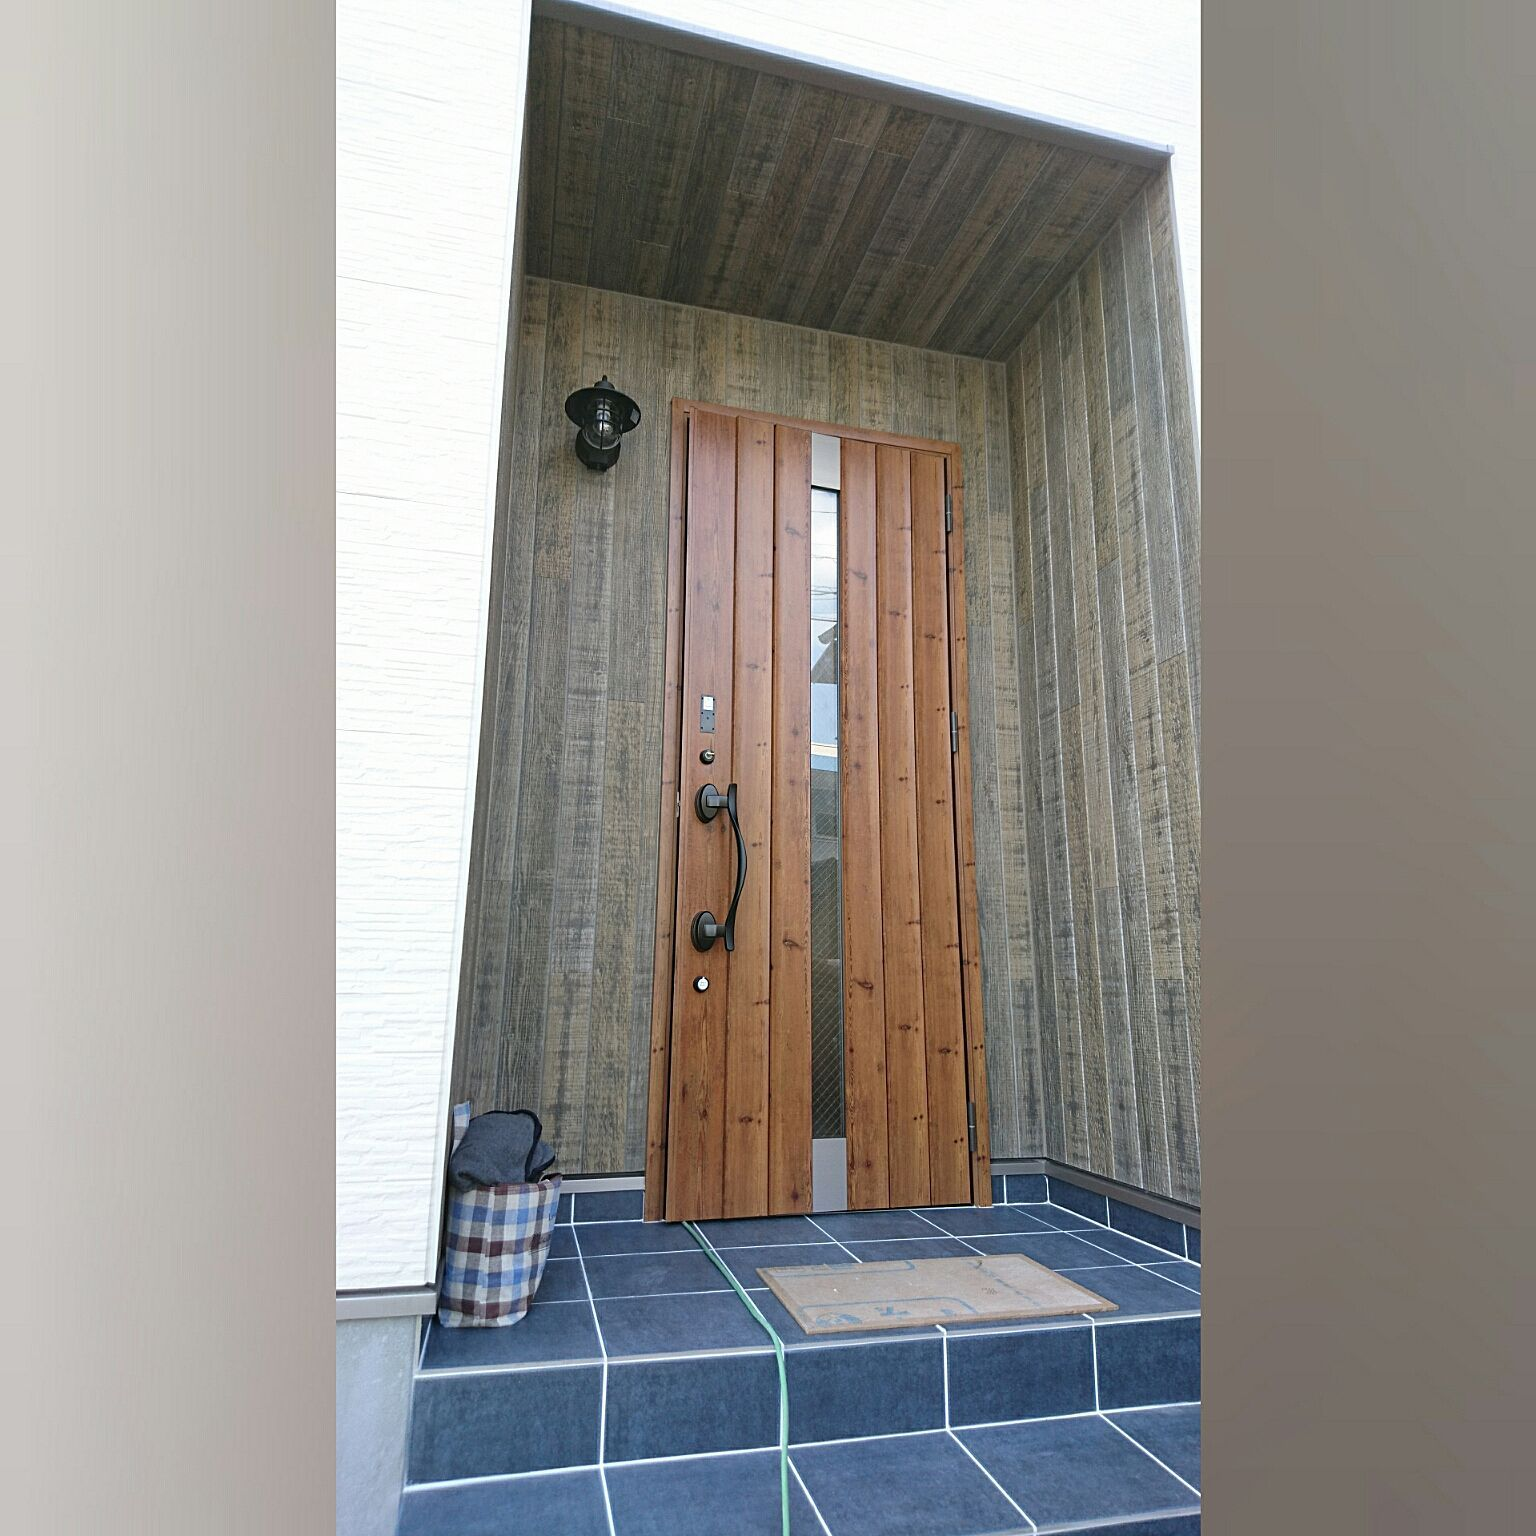 玄関 入り口 Lixil玄関ドア エストレモウッド Lixil 玄関ドア などの